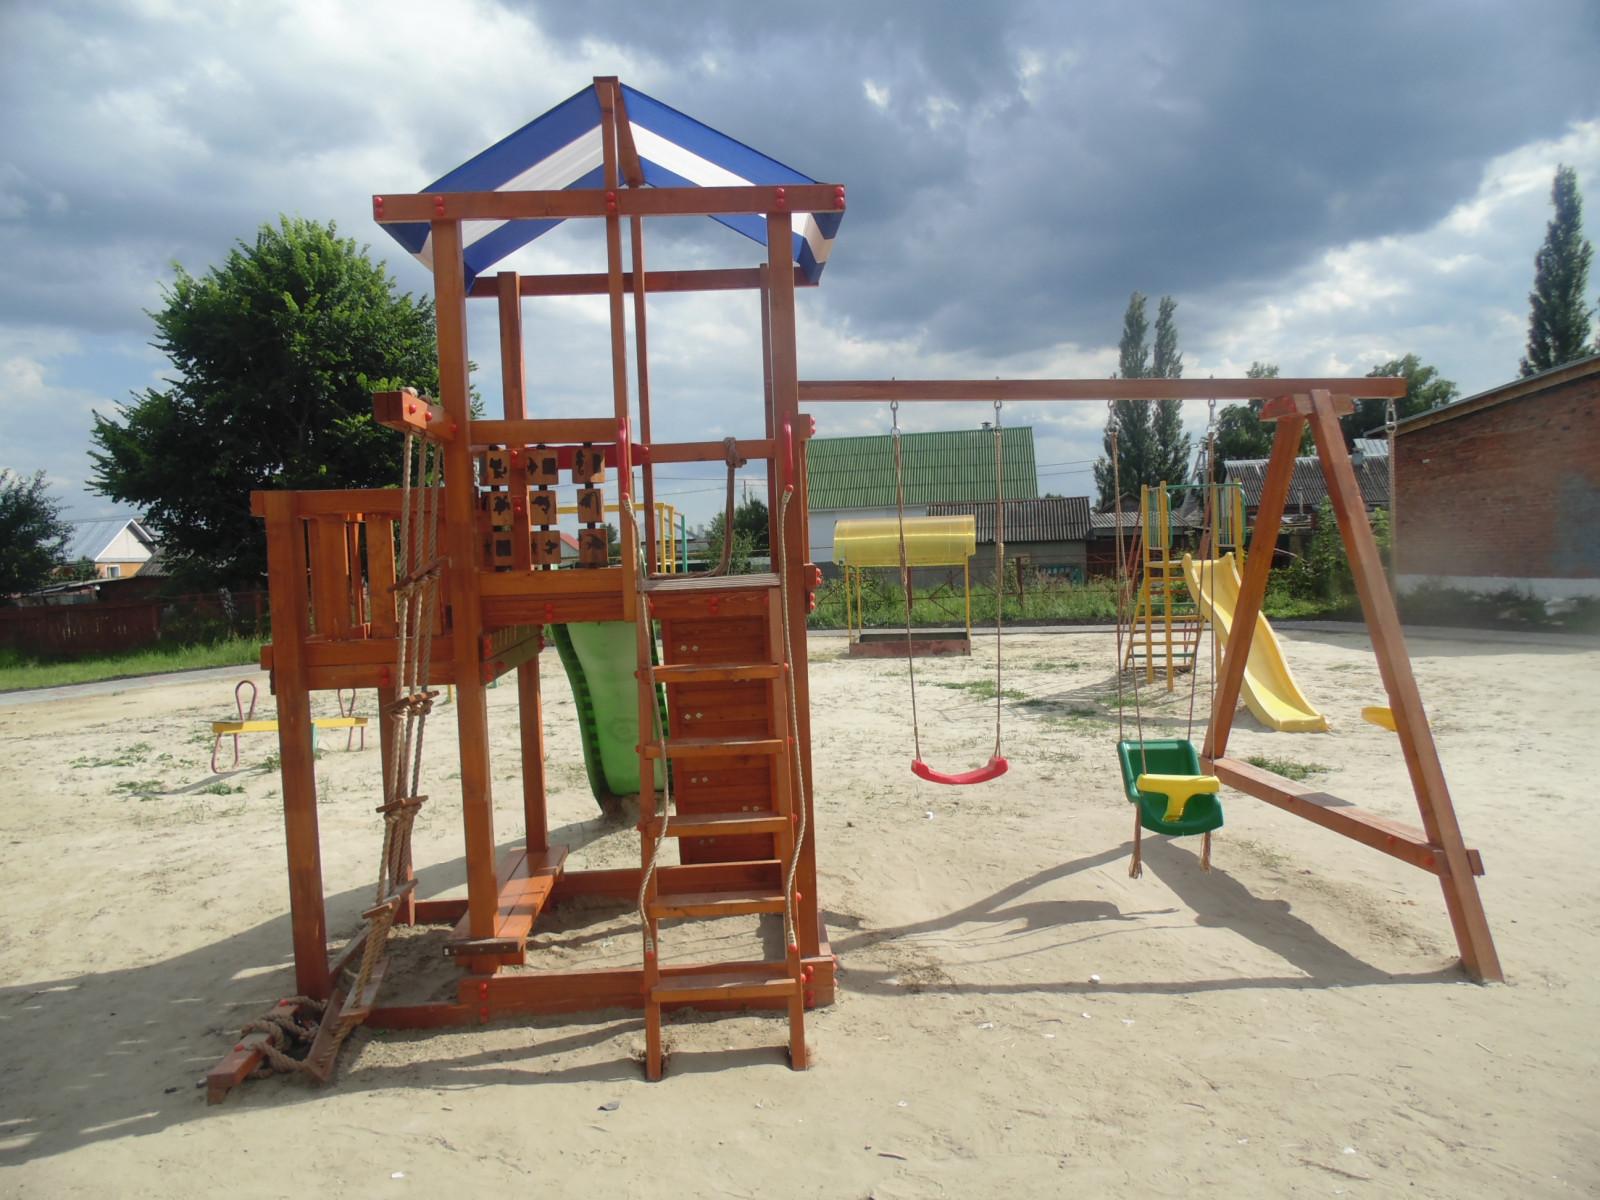 28 дворовых и 11 общественных территорий благоустроены на Тамбовщине в рамках приоритетного проекта «Формирование комфортной городской среды» в 2017 году